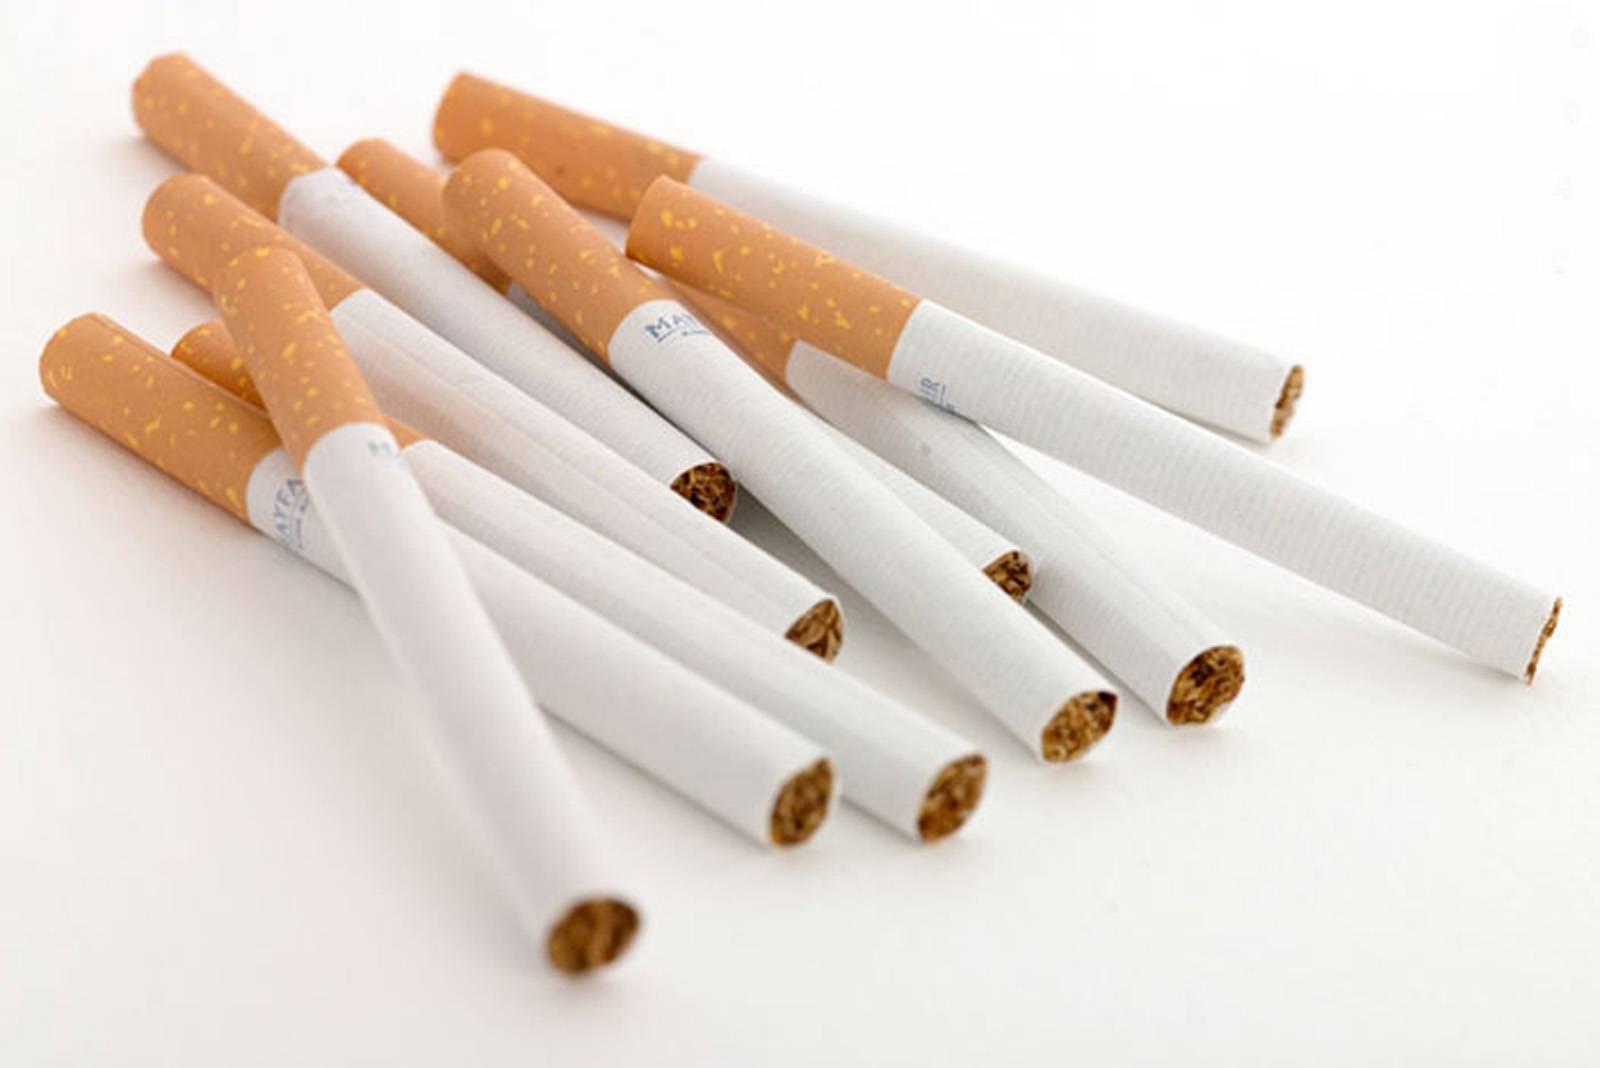 صادرات و واردات سیگار در دو ماه نخست سال ۹۷ +اینفوگرافیک